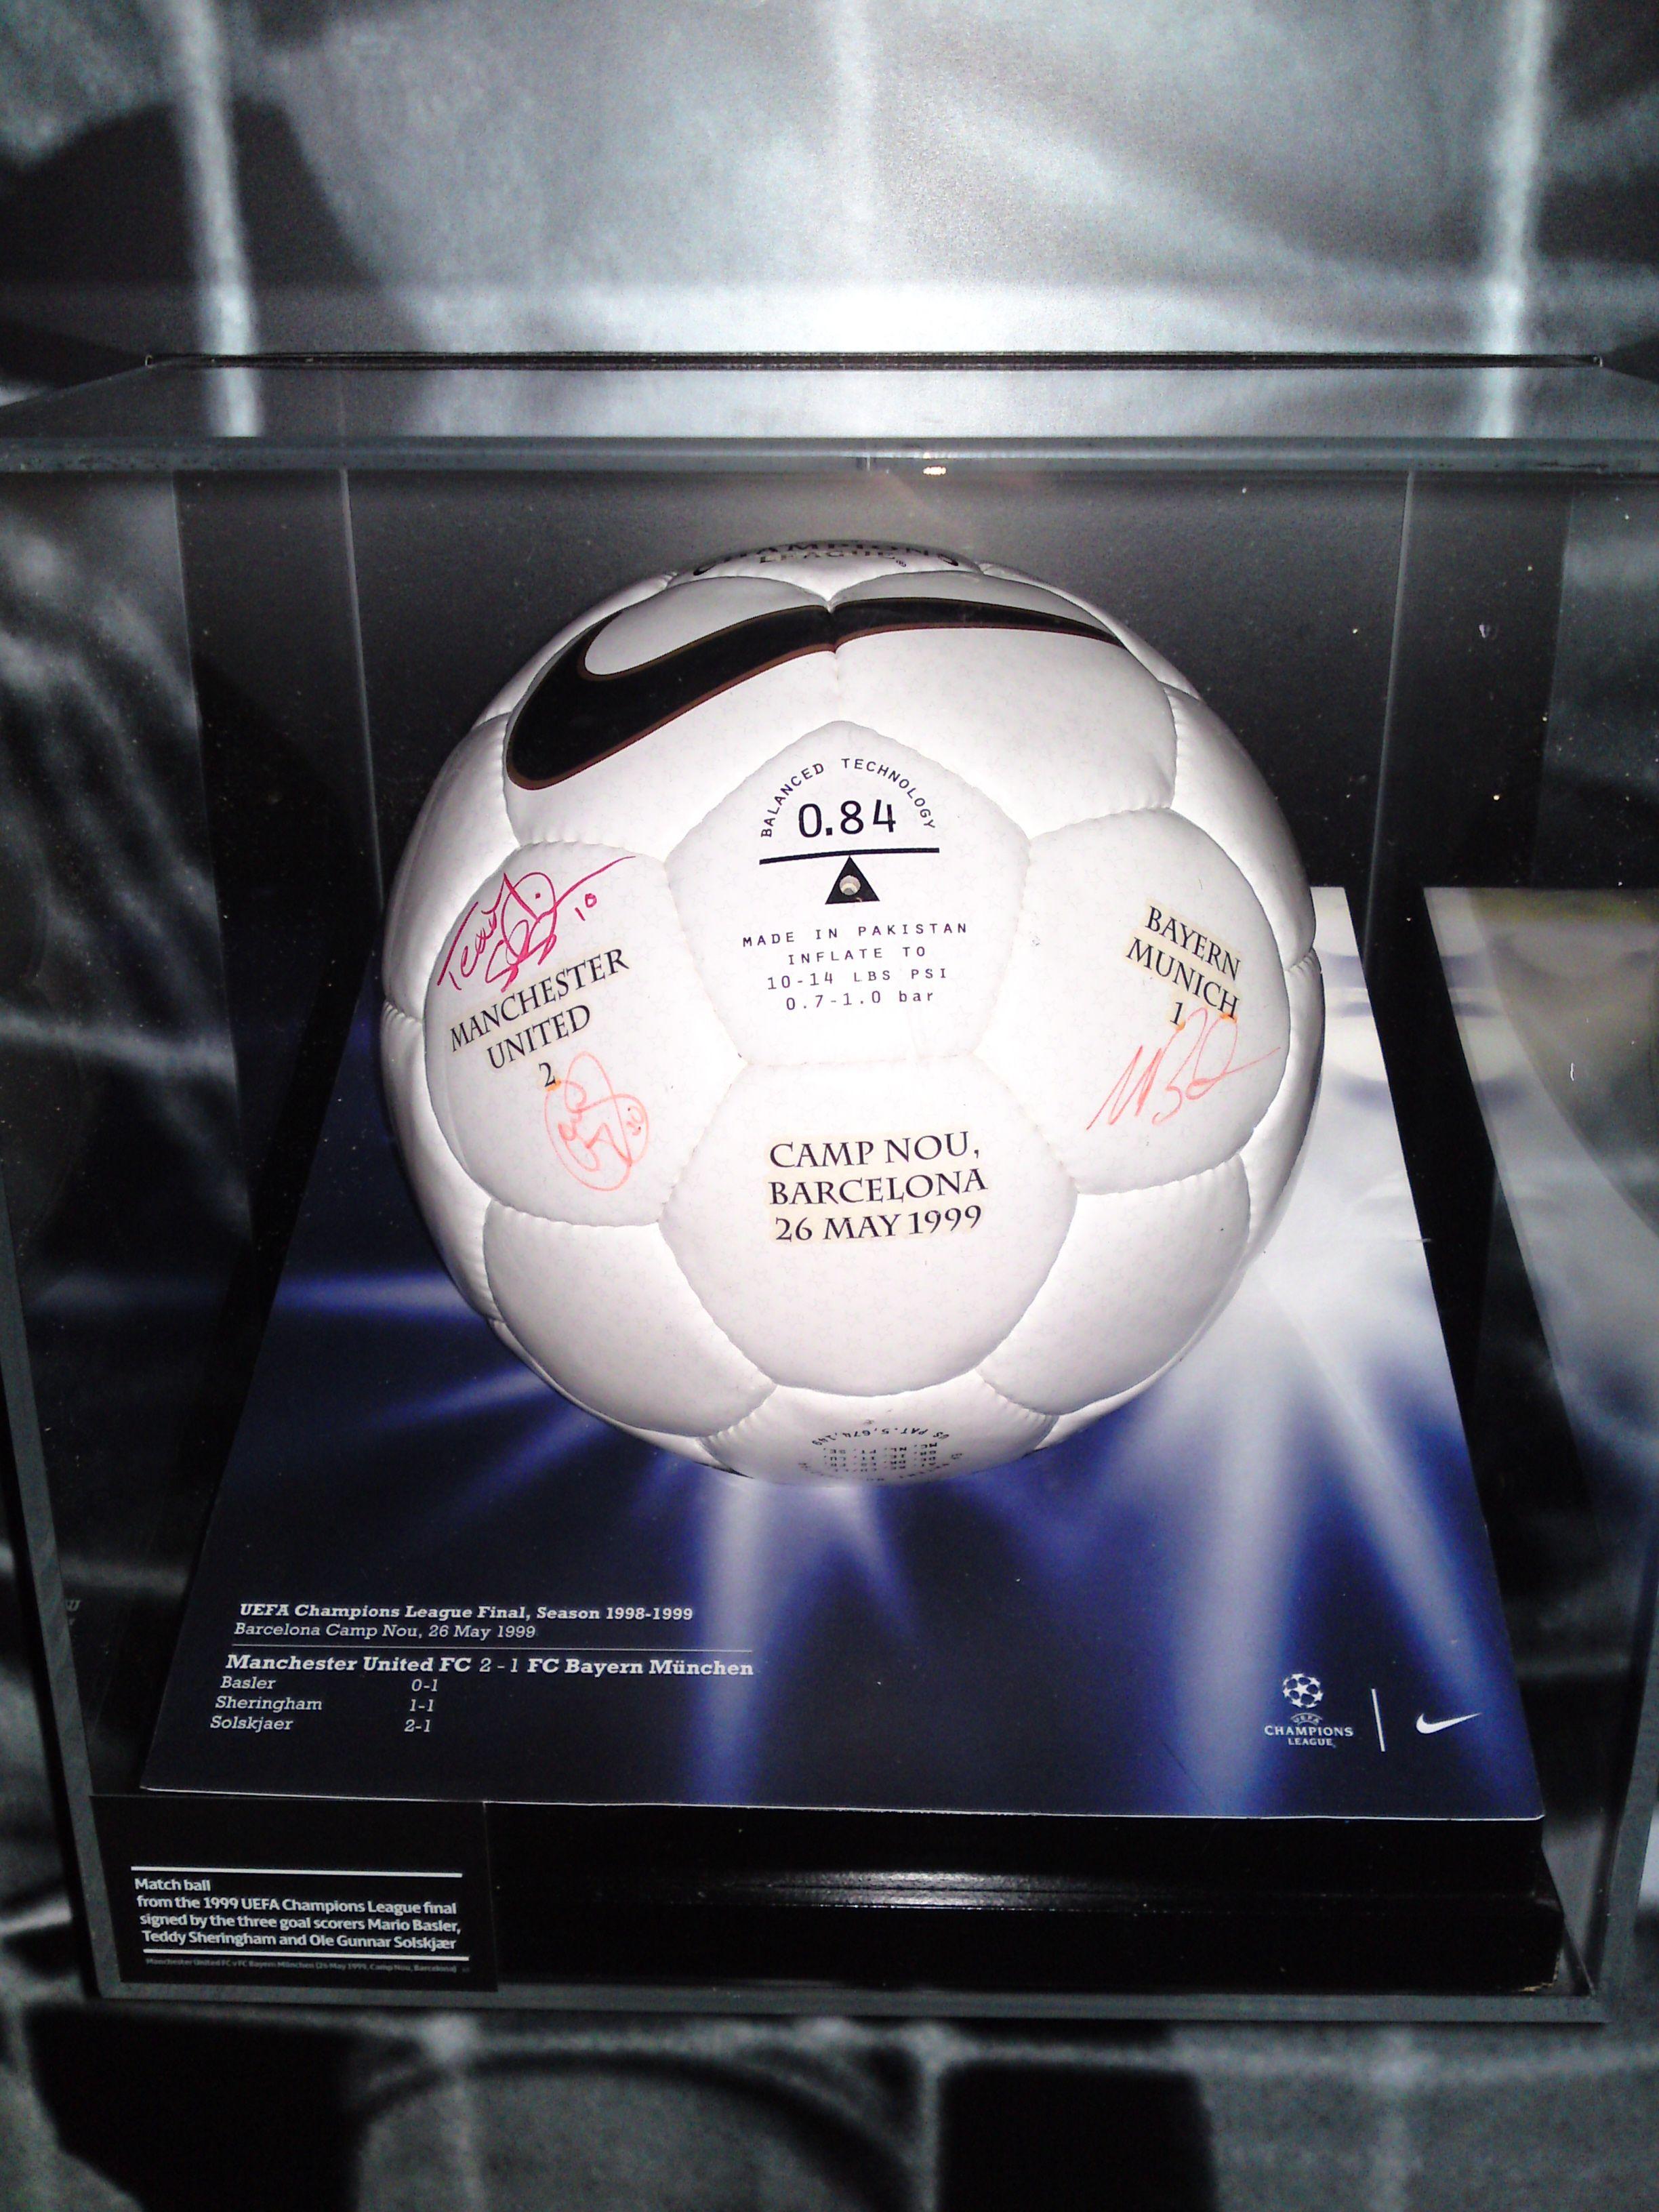 FileNike NK 800 Geo 1999 Champions League FinalJPG